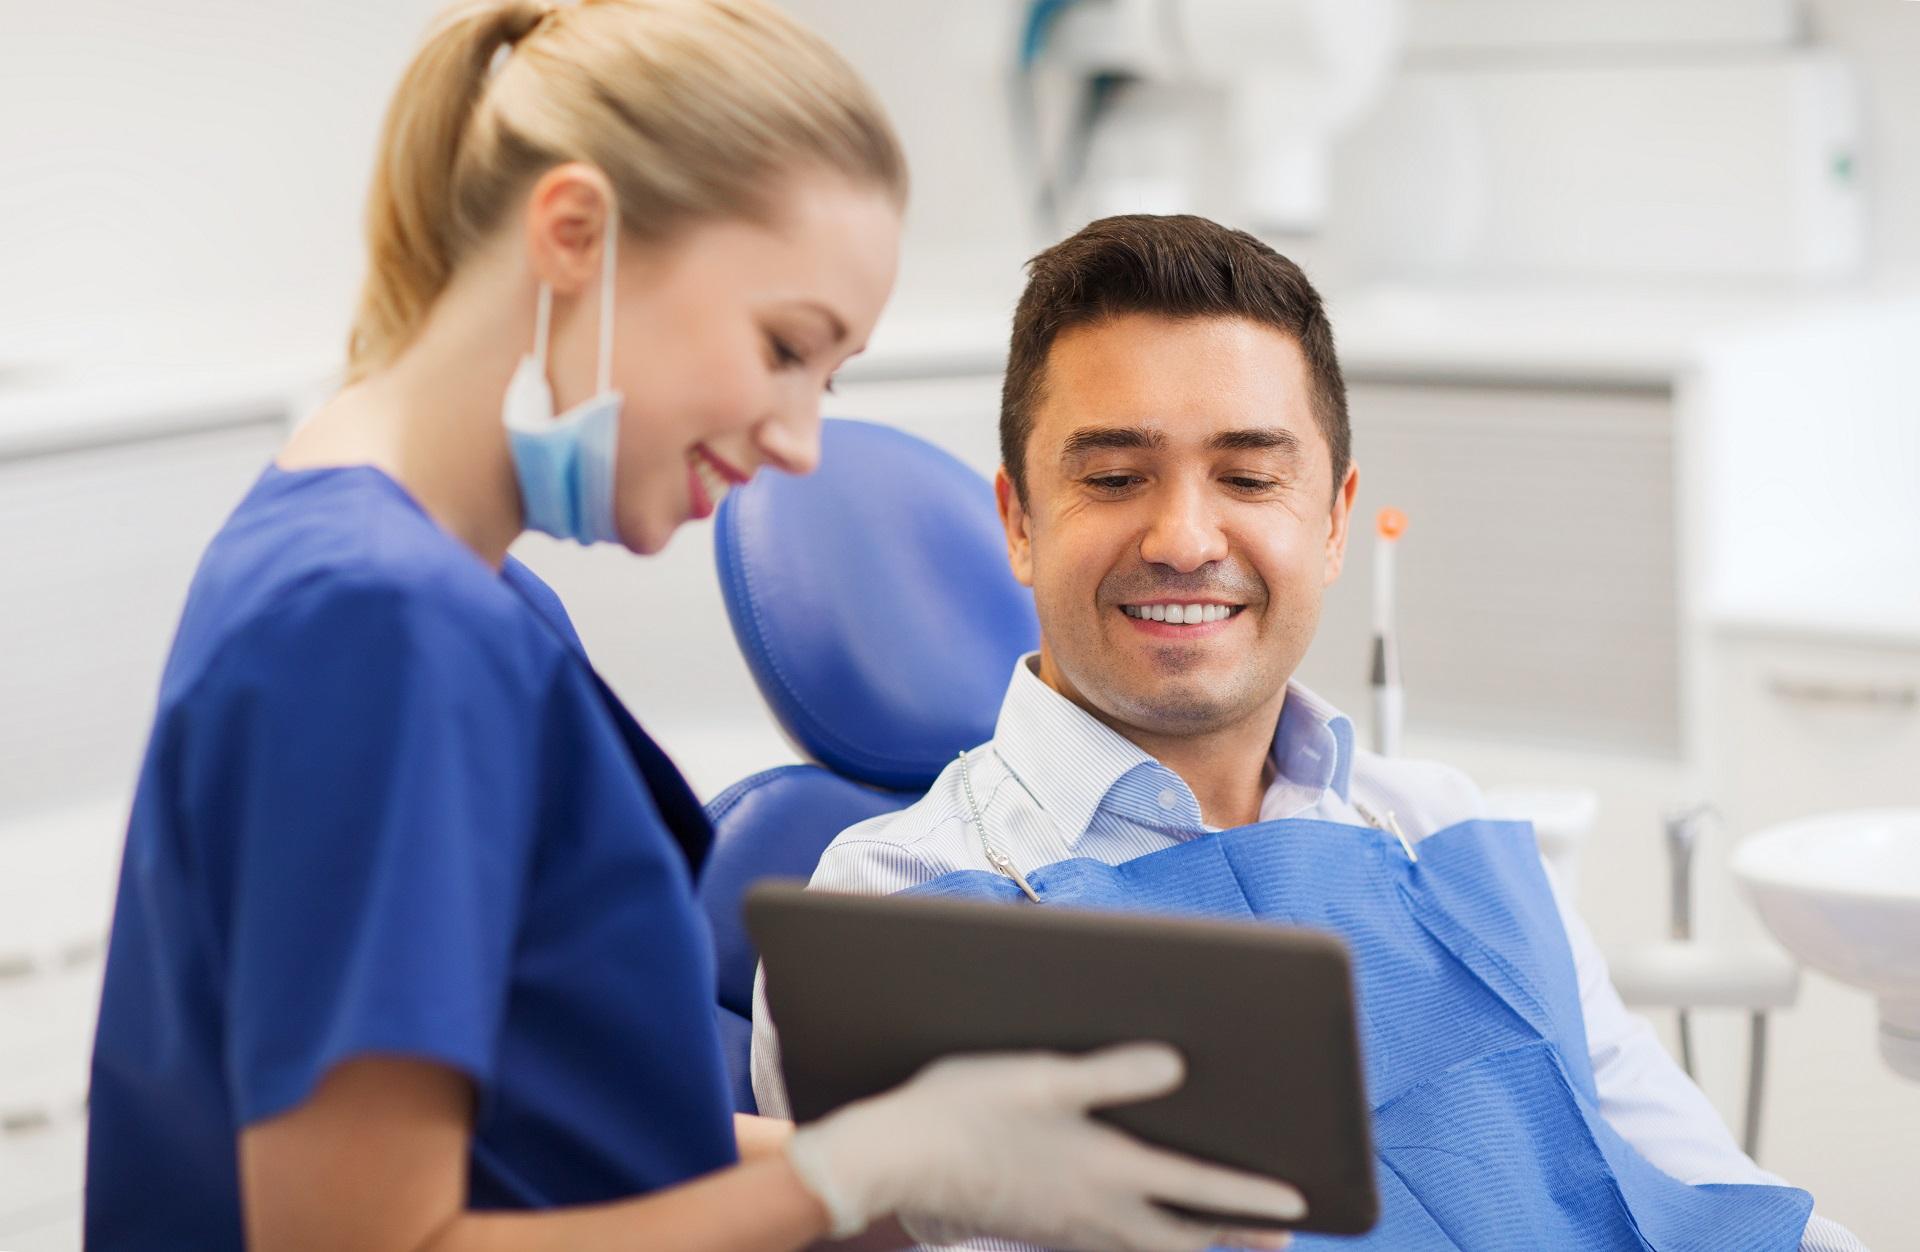 Konsultacja protetyczno-implantologiczna